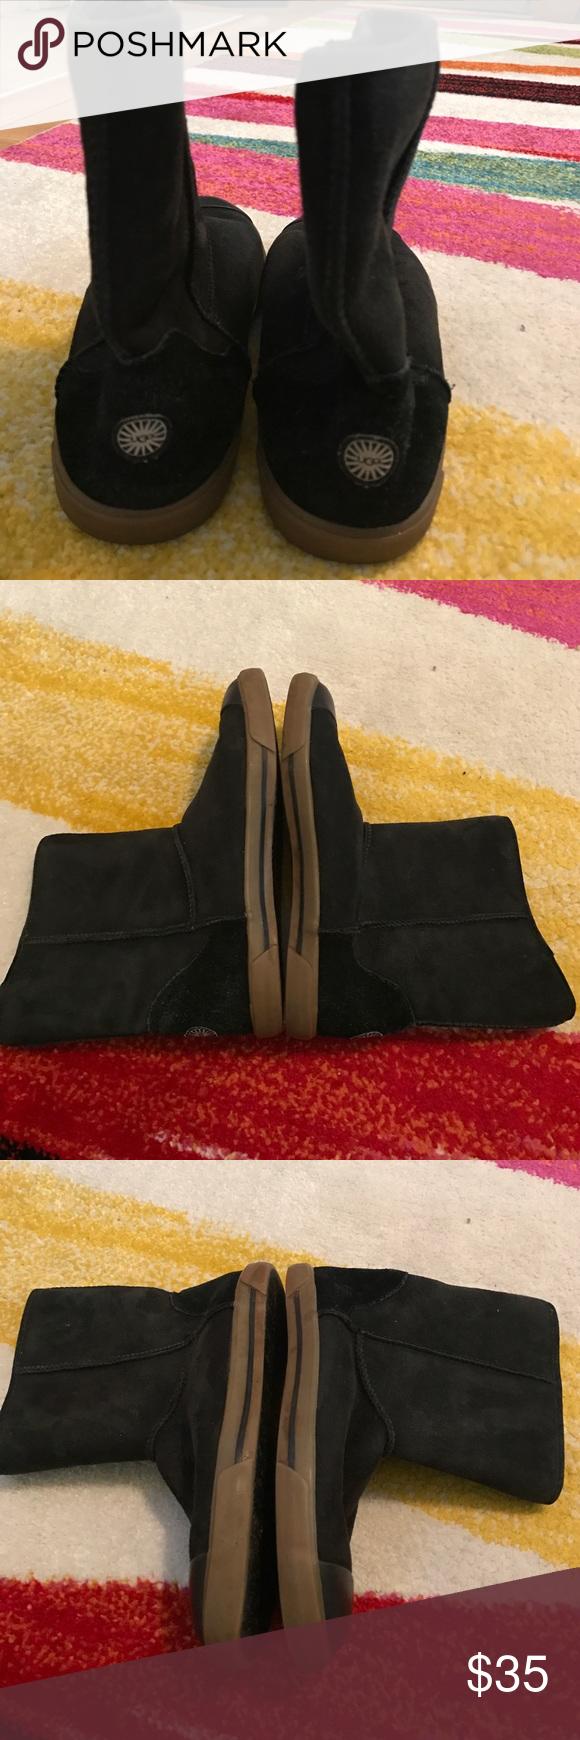 Ugg delaine black suede boots girls size 4 Short black suede boots. Preowned. Size 4 girls UGG Shoes Boots